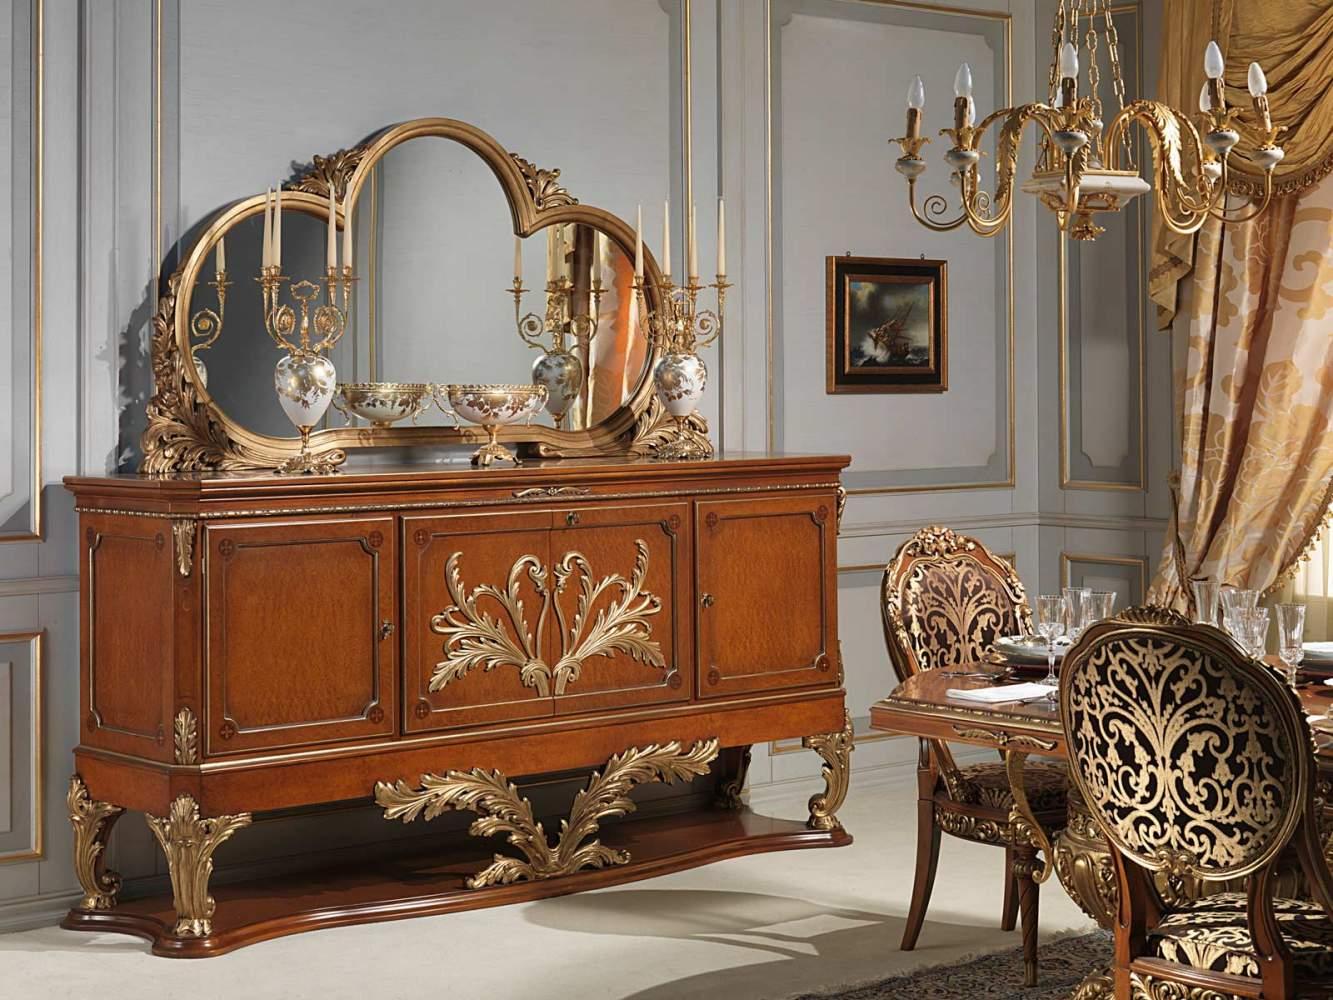 Versailles sideboard in Louis XVI style